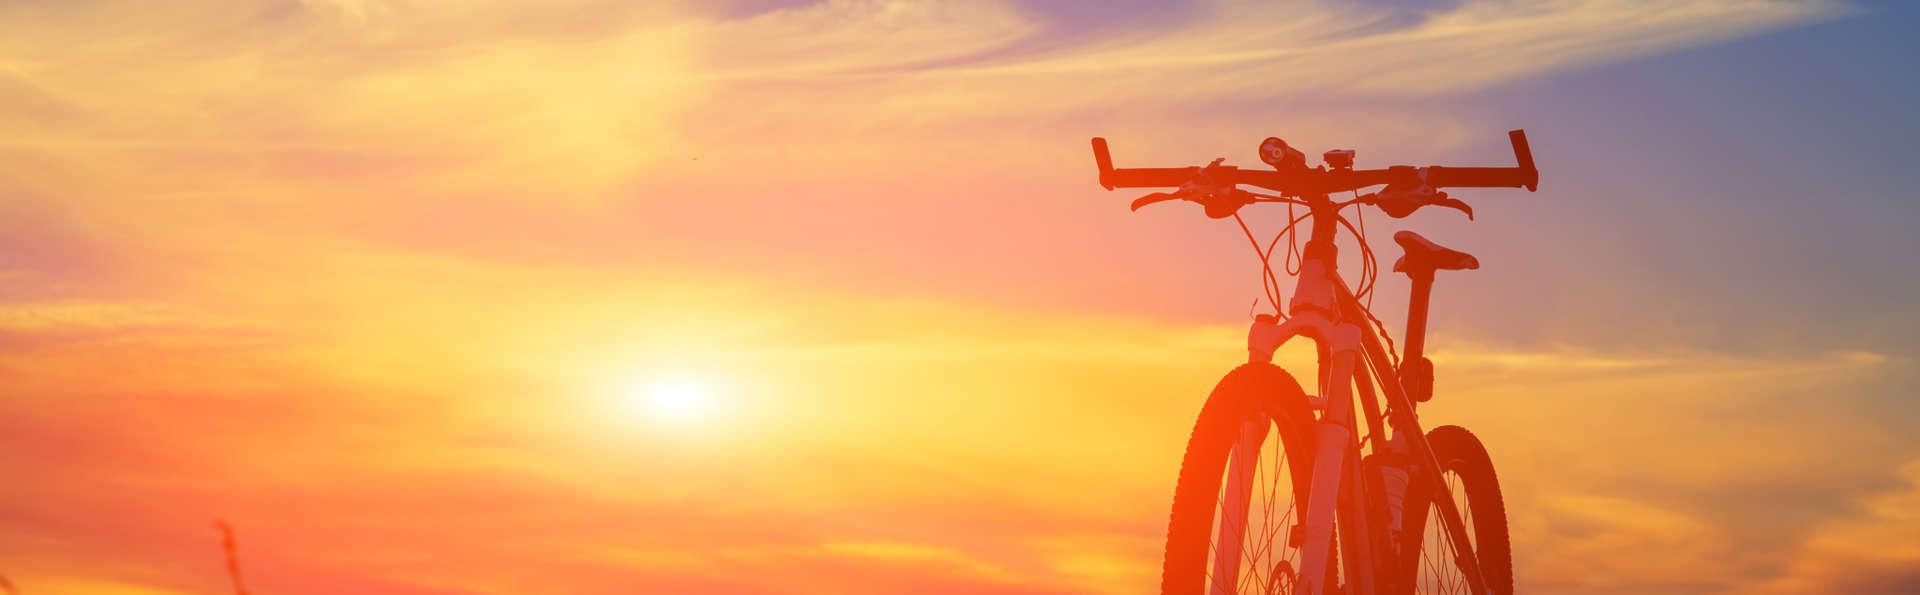 Heerlijk fietsweekend in de buurt van de Veluwe (vanaf 2 nachten)